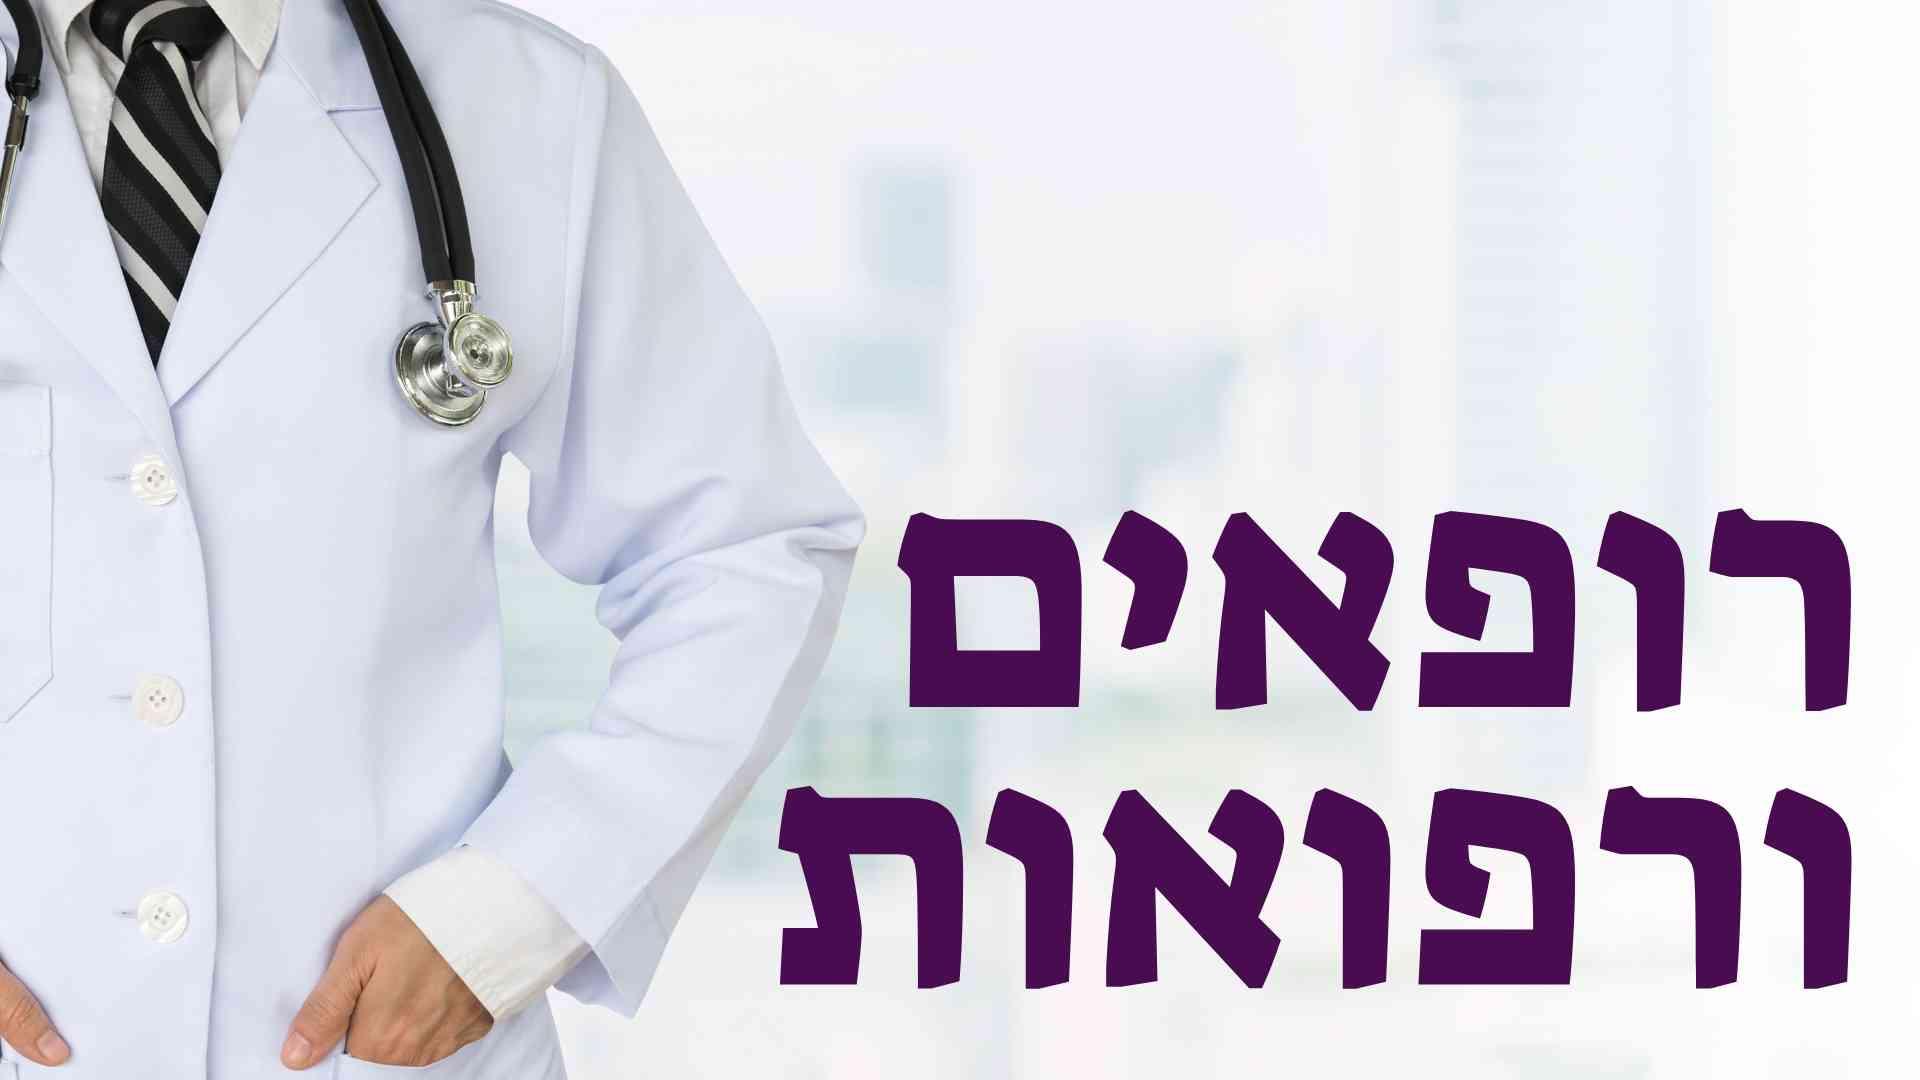 רופאים ורפואות